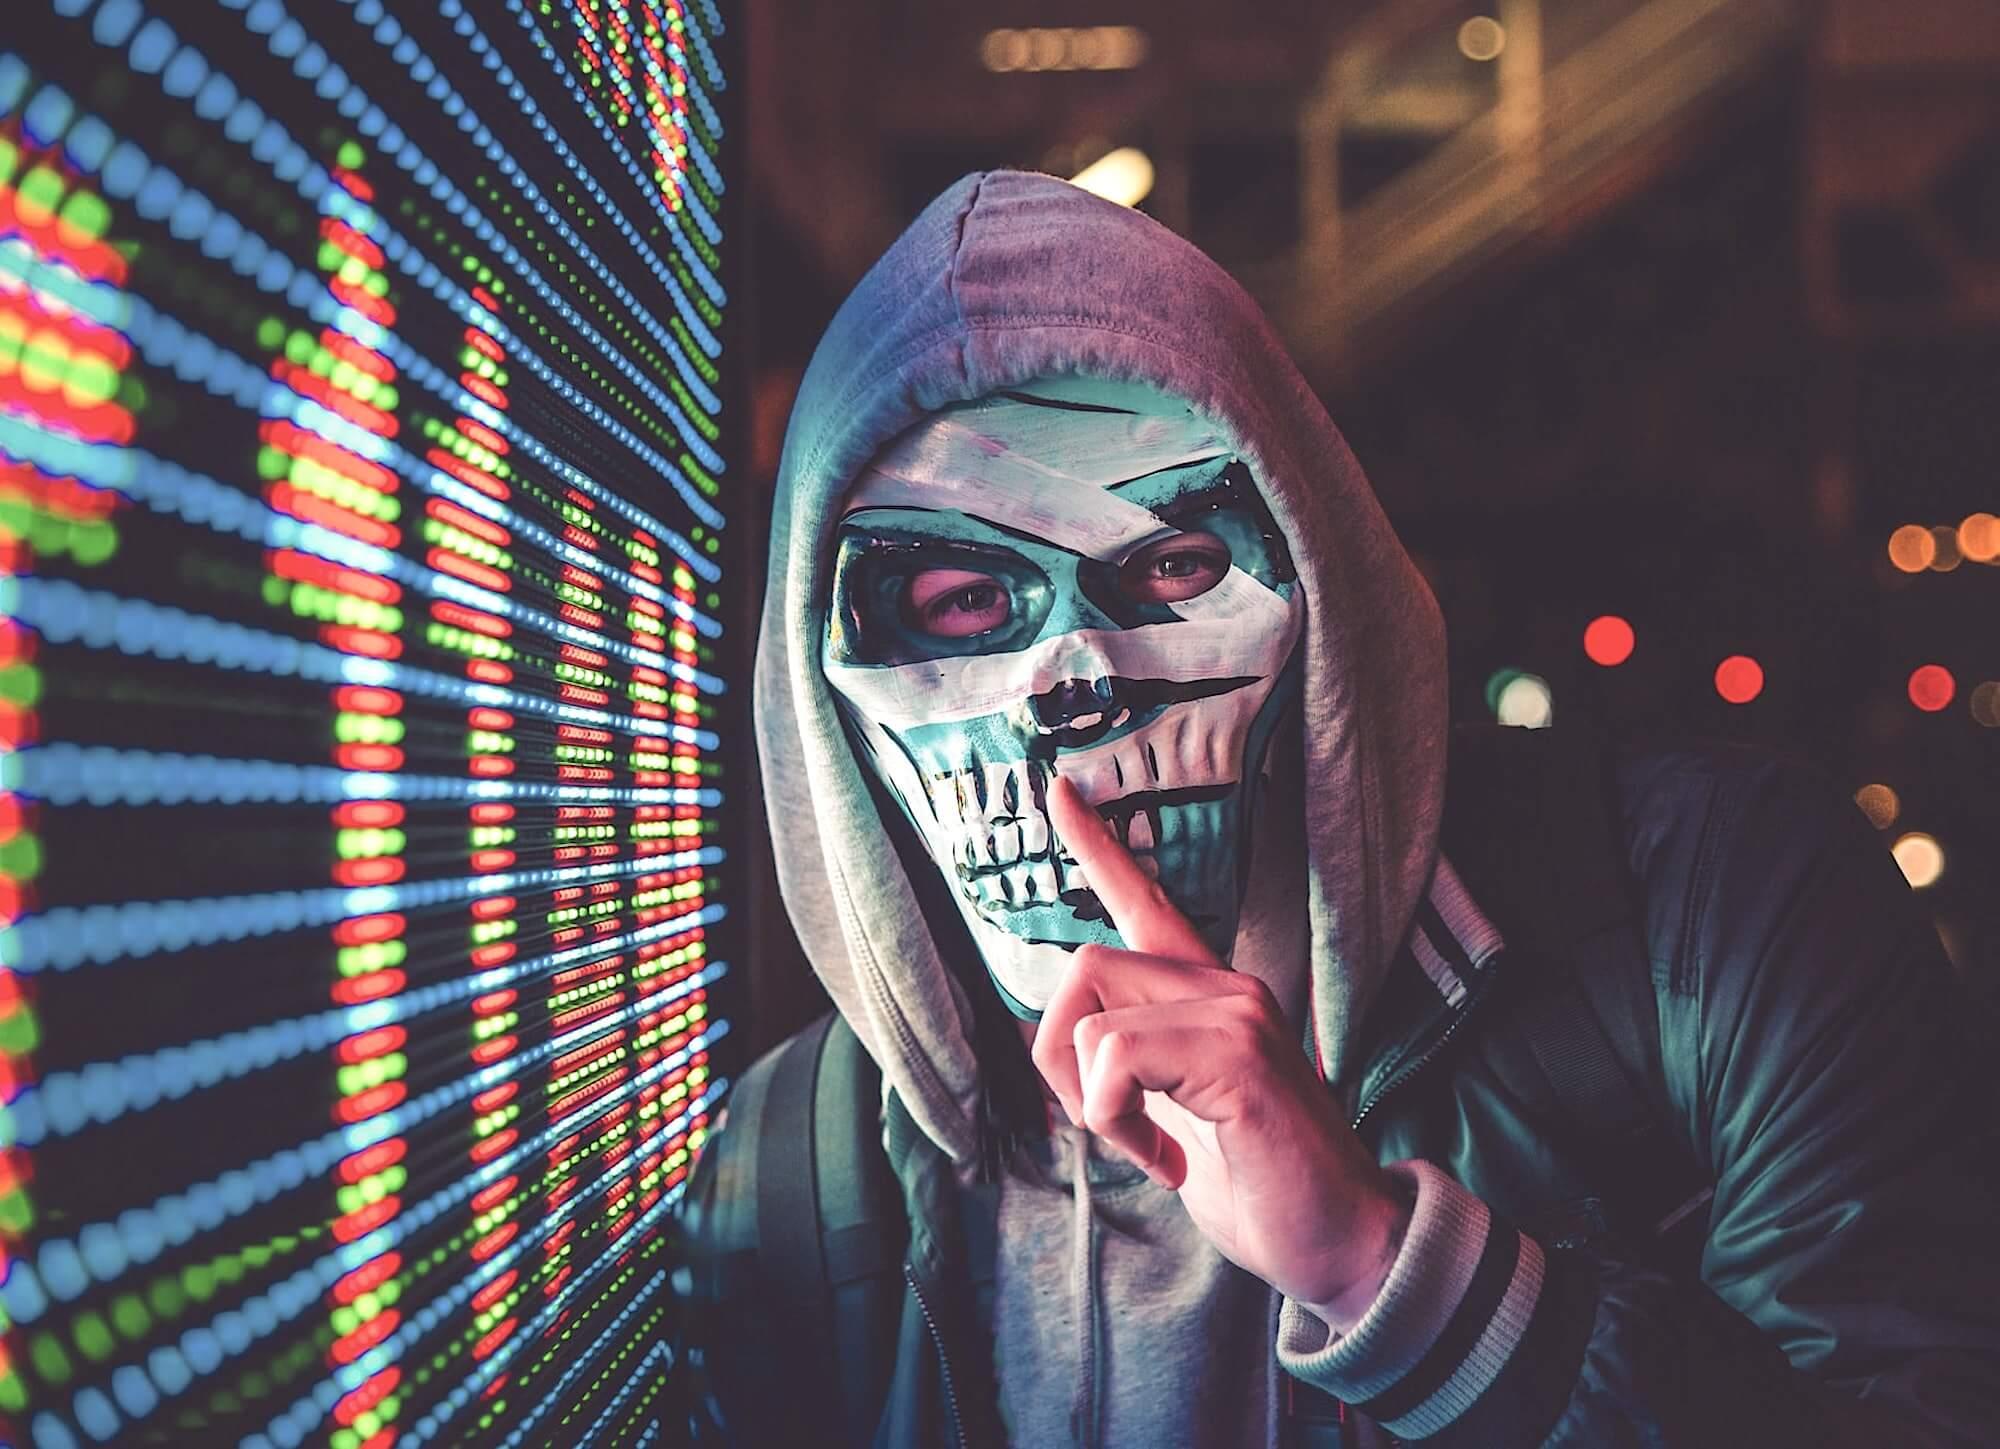 Фотография: Max Bender. Источник: Unsplash.com